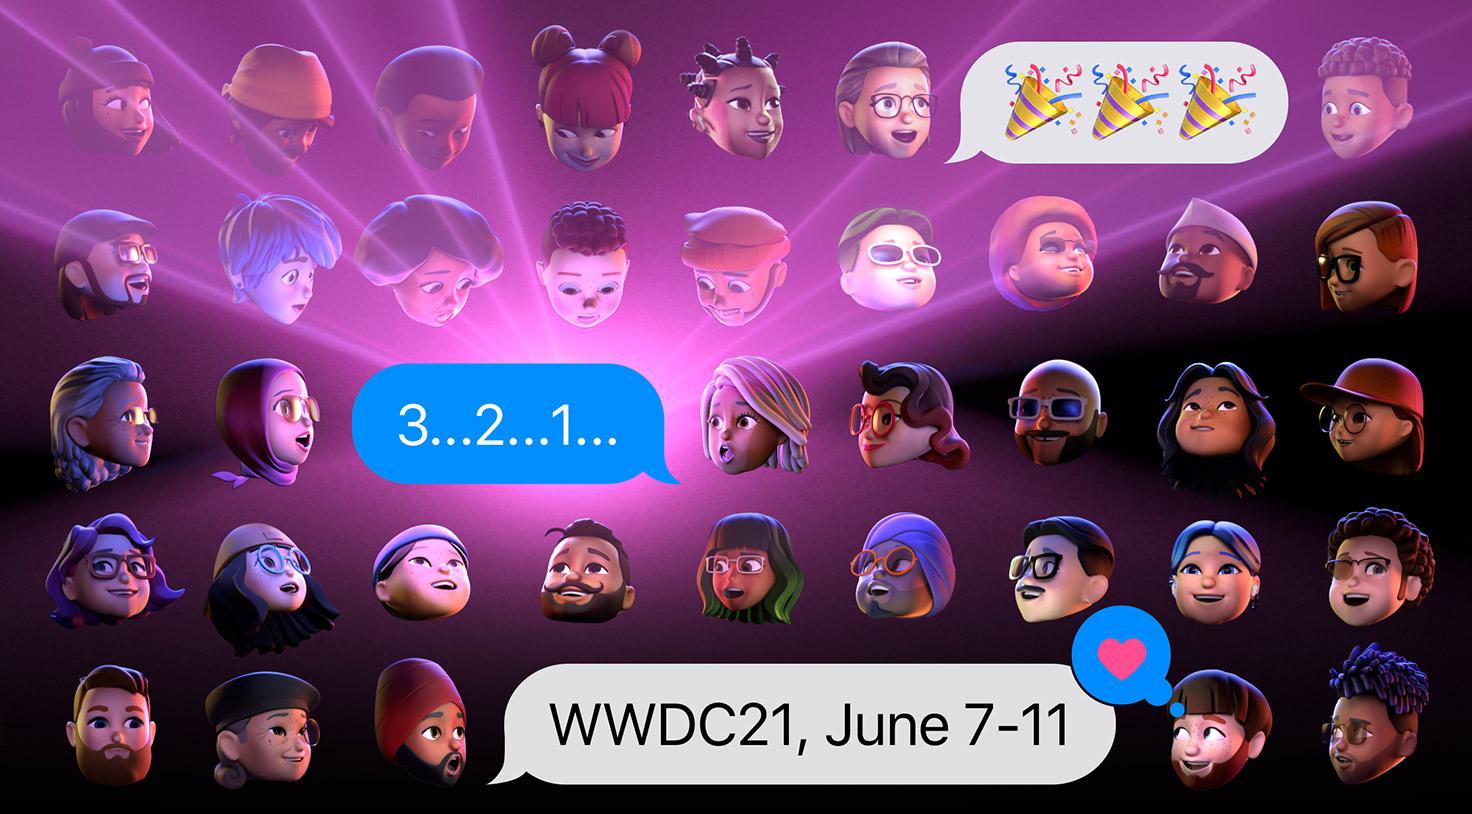 Emojis de desarrolladores esperando la WWDC 2021